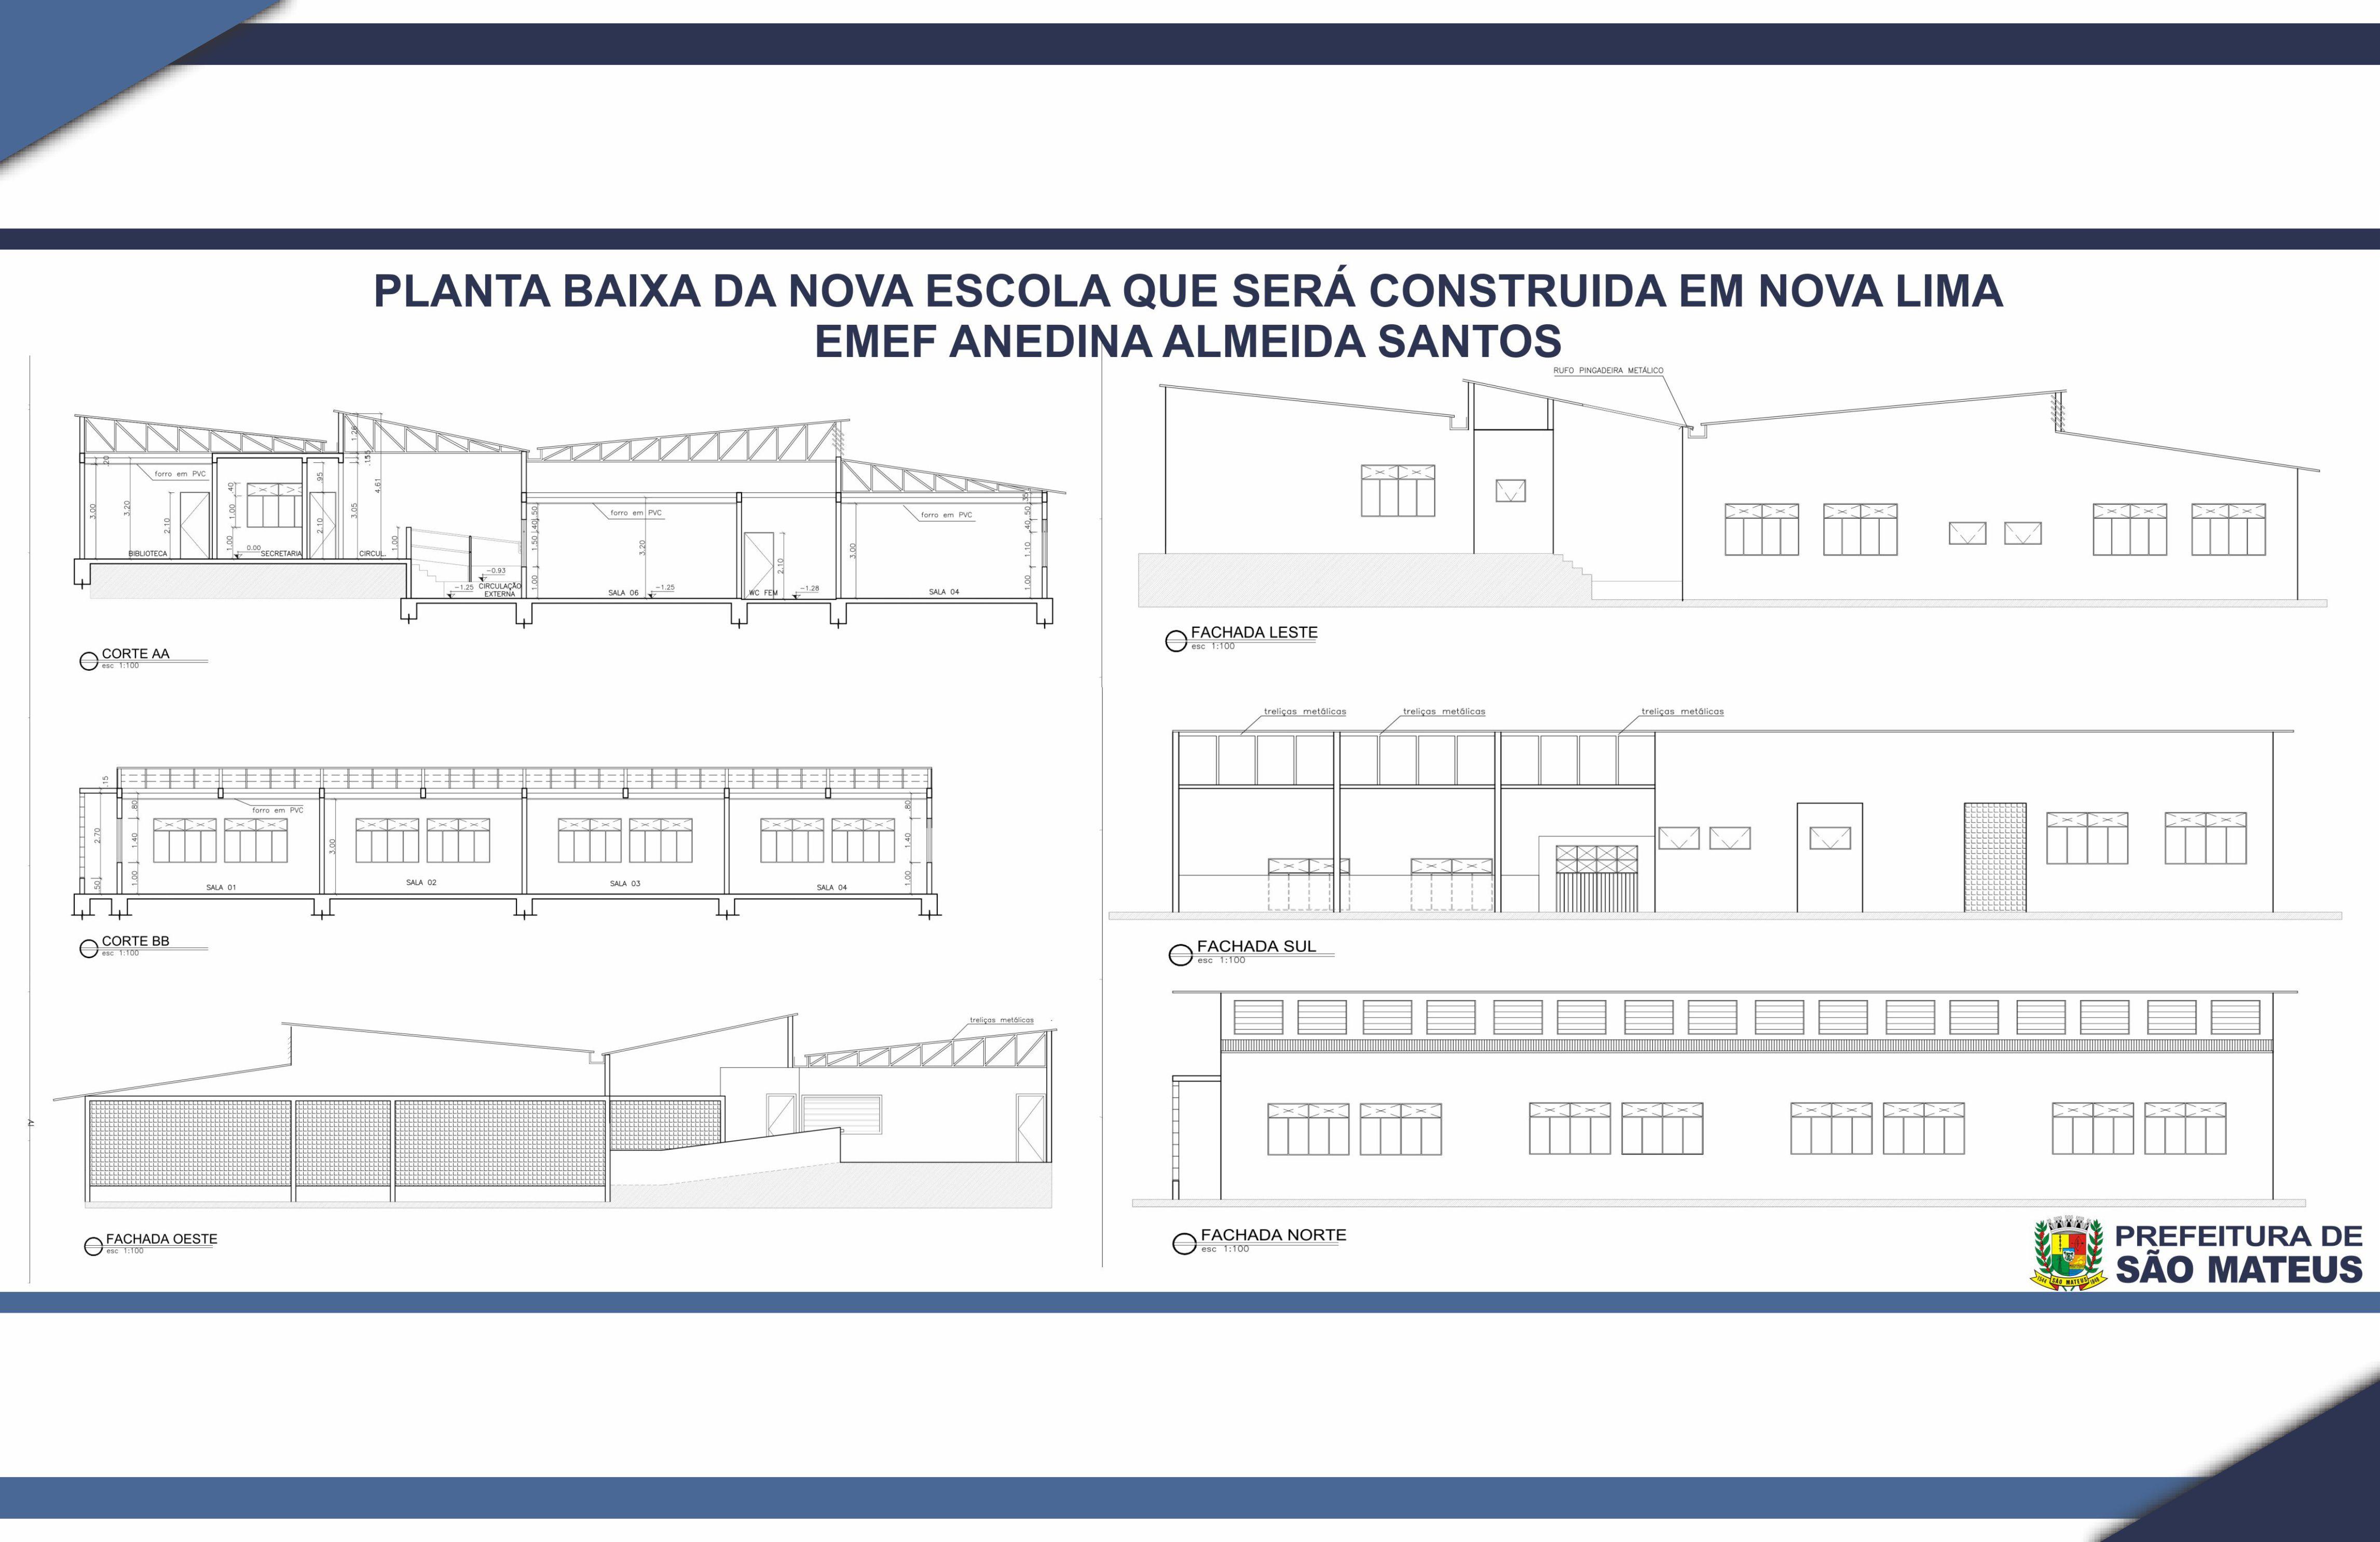 Com relação ao caso da escola Anedina Almeida Santos na comunidade de Nova Lima